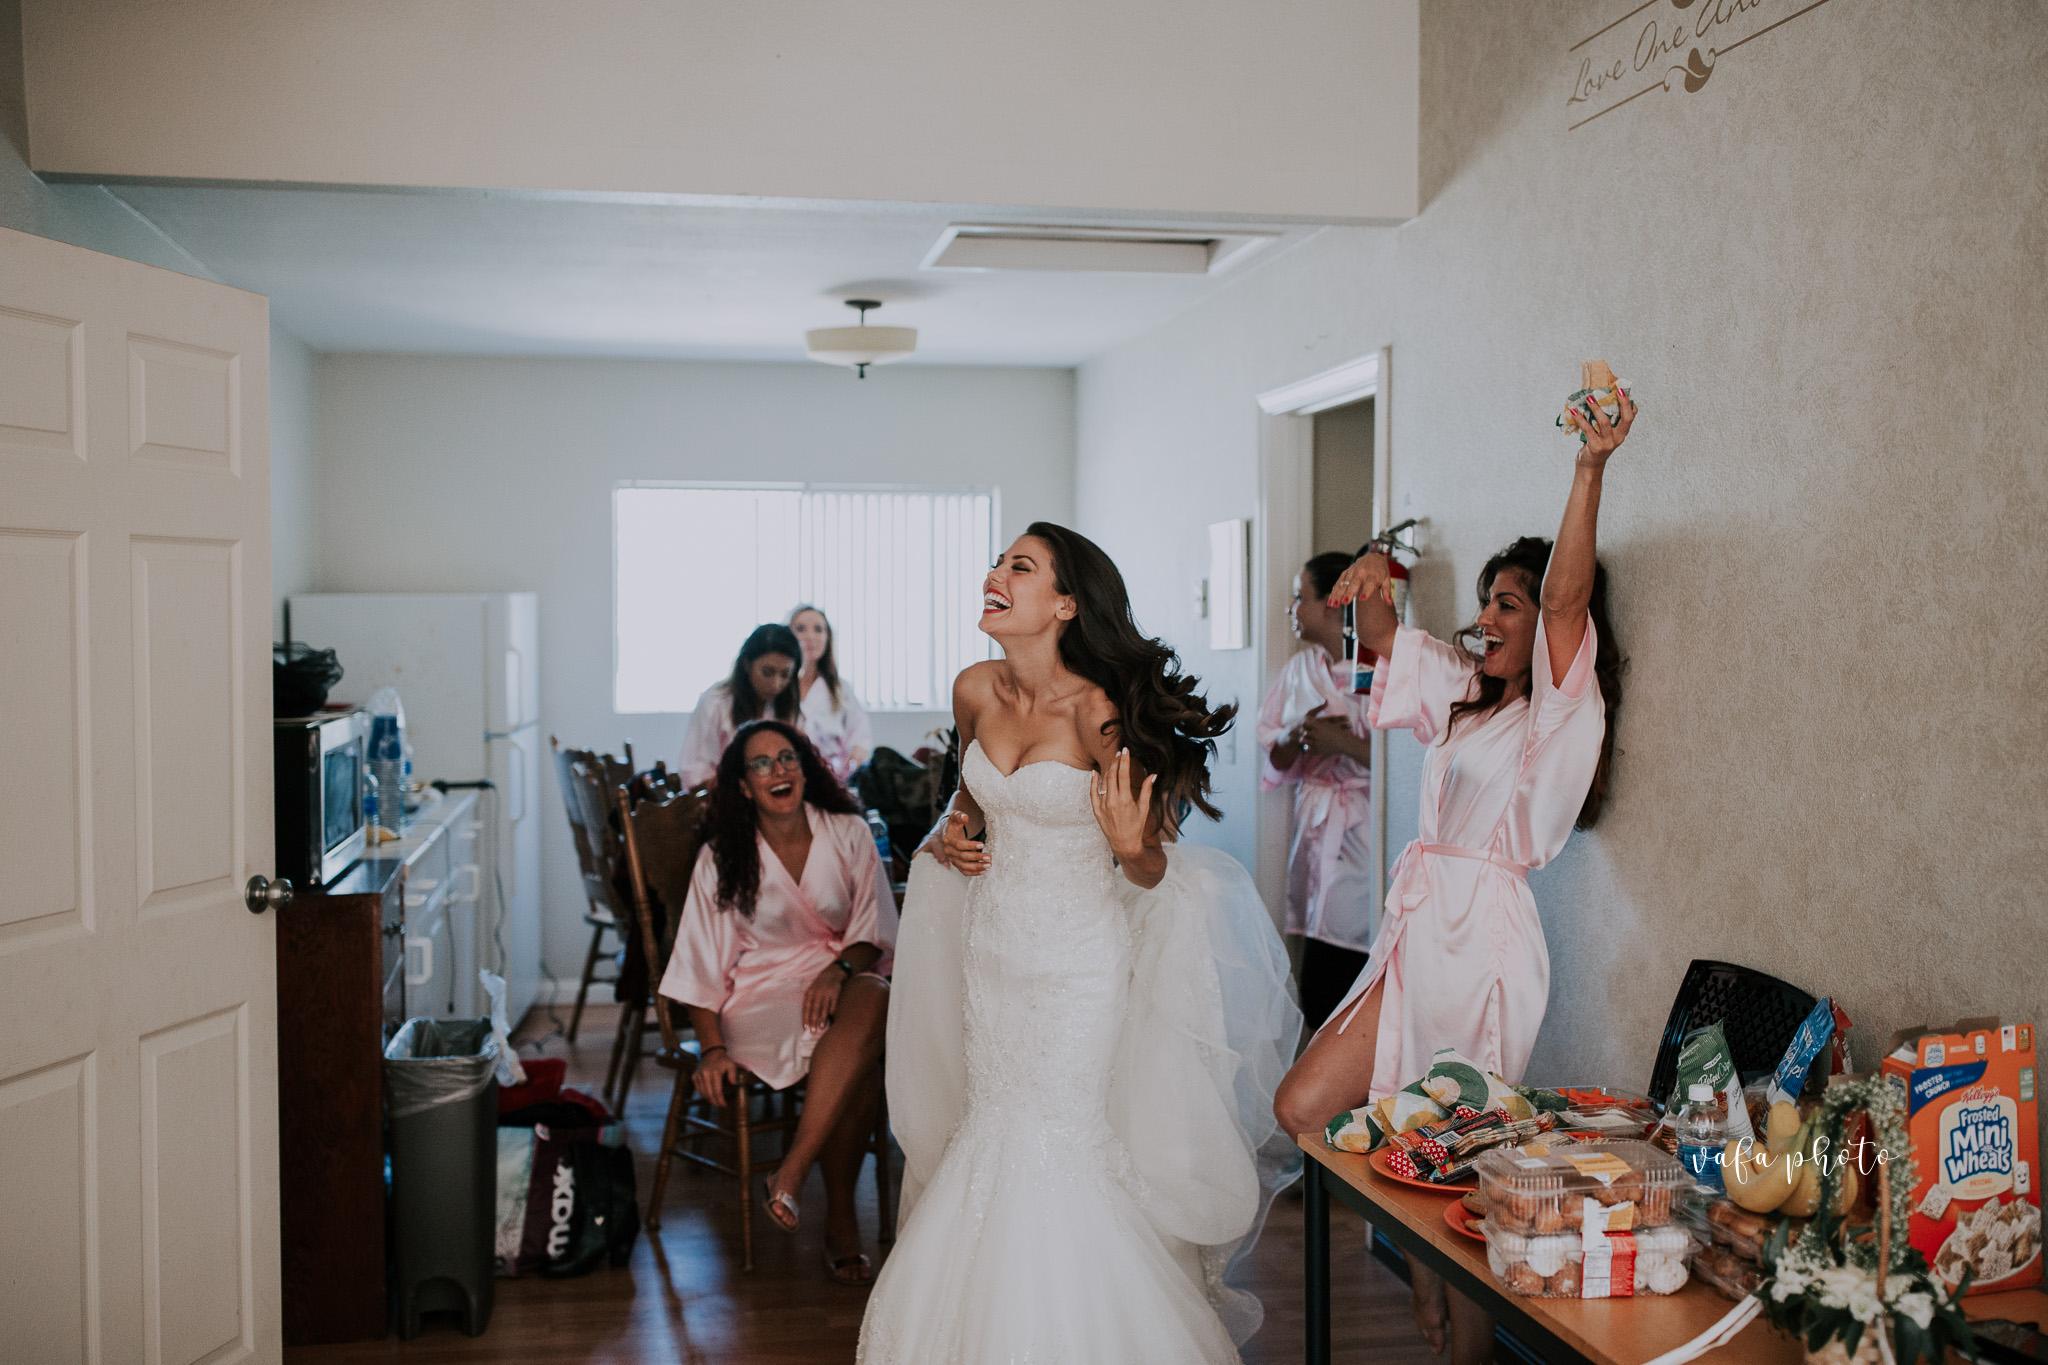 Southern-California-Wedding-Britt-Nilsson-Jeremy-Byrne-Vafa-Photo-73.jpg